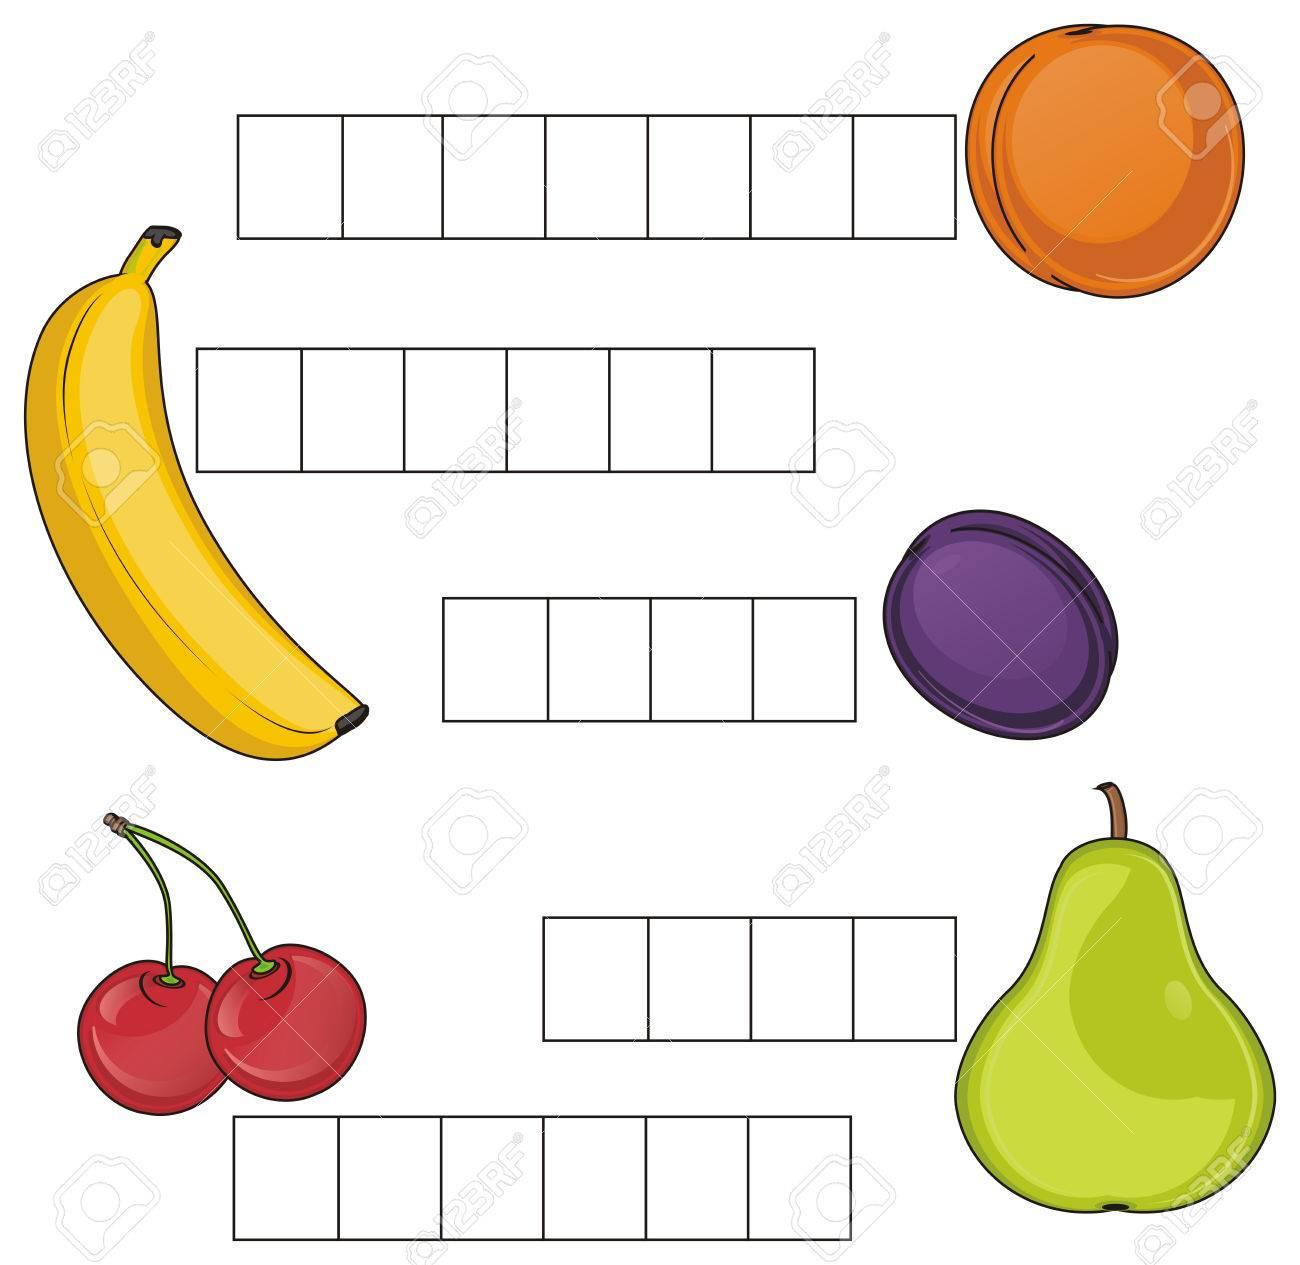 Mots Croisés Avec Des Fruits concernant Mots Croisés Avec Image